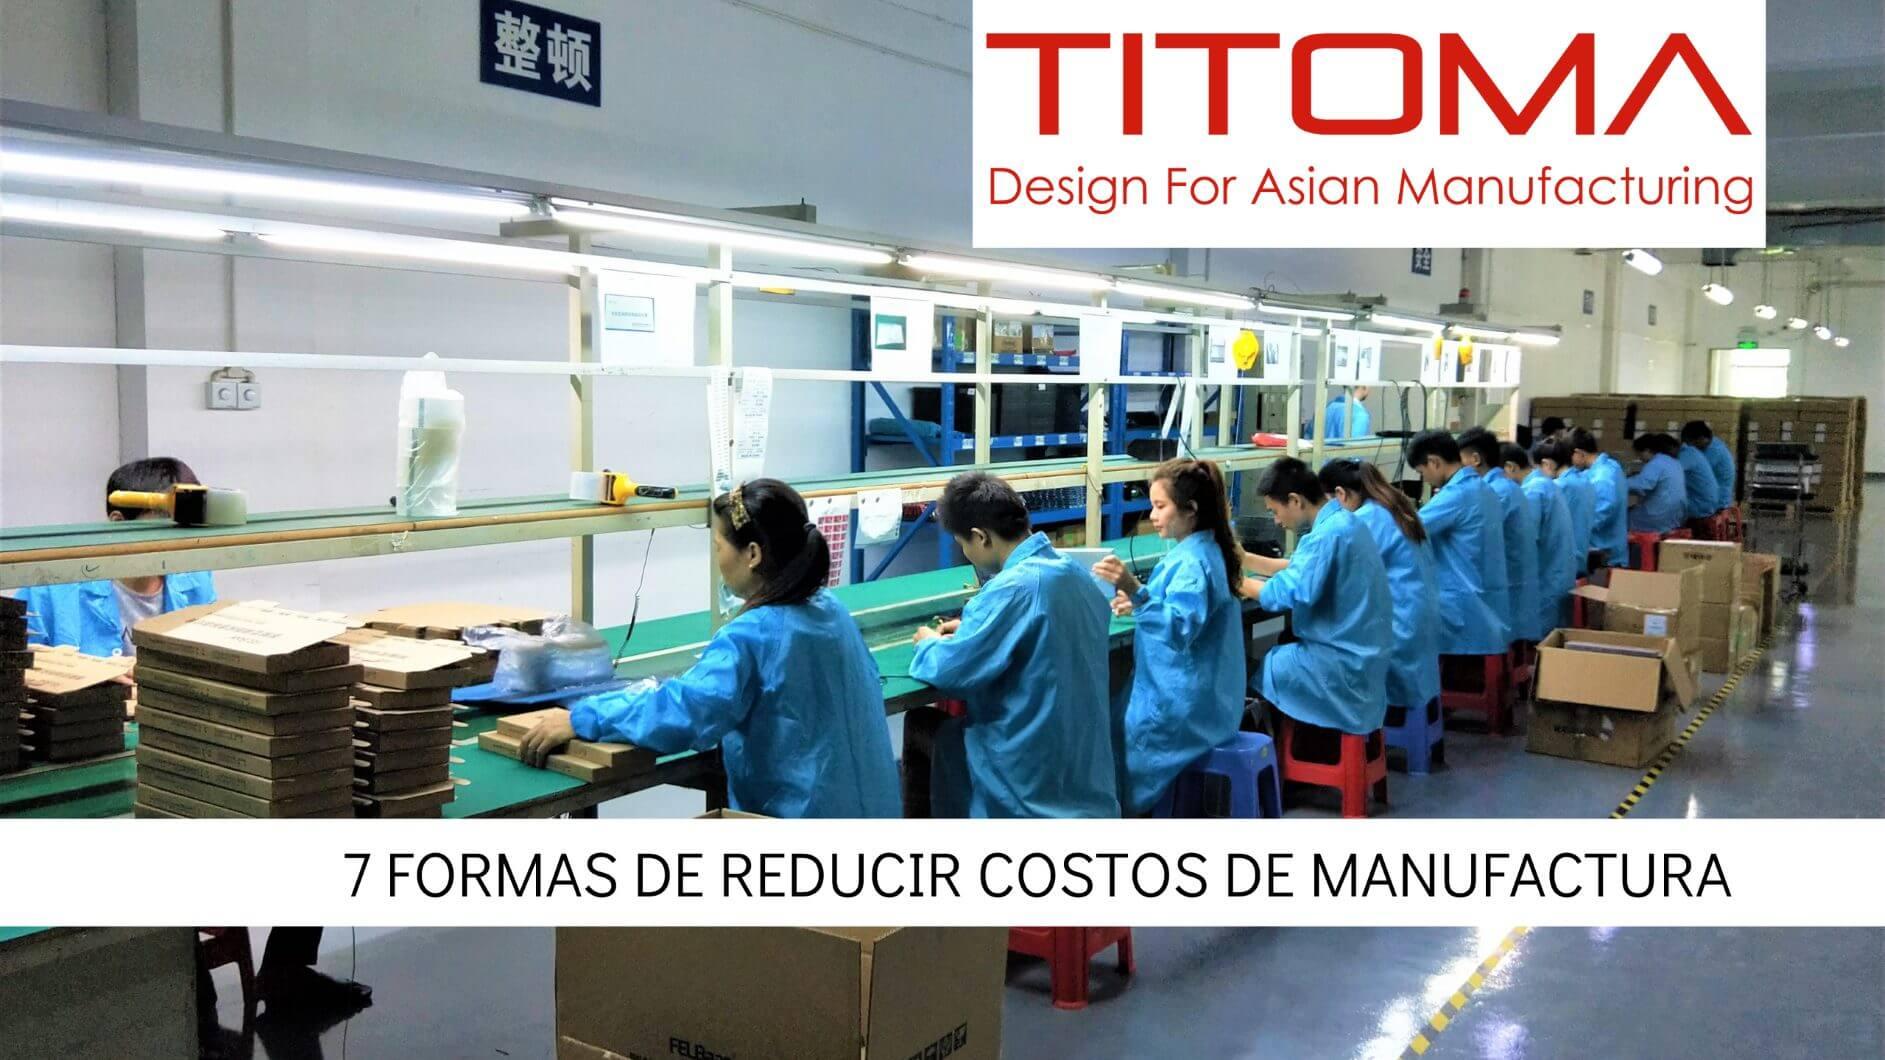 Reducir costos de manufactura